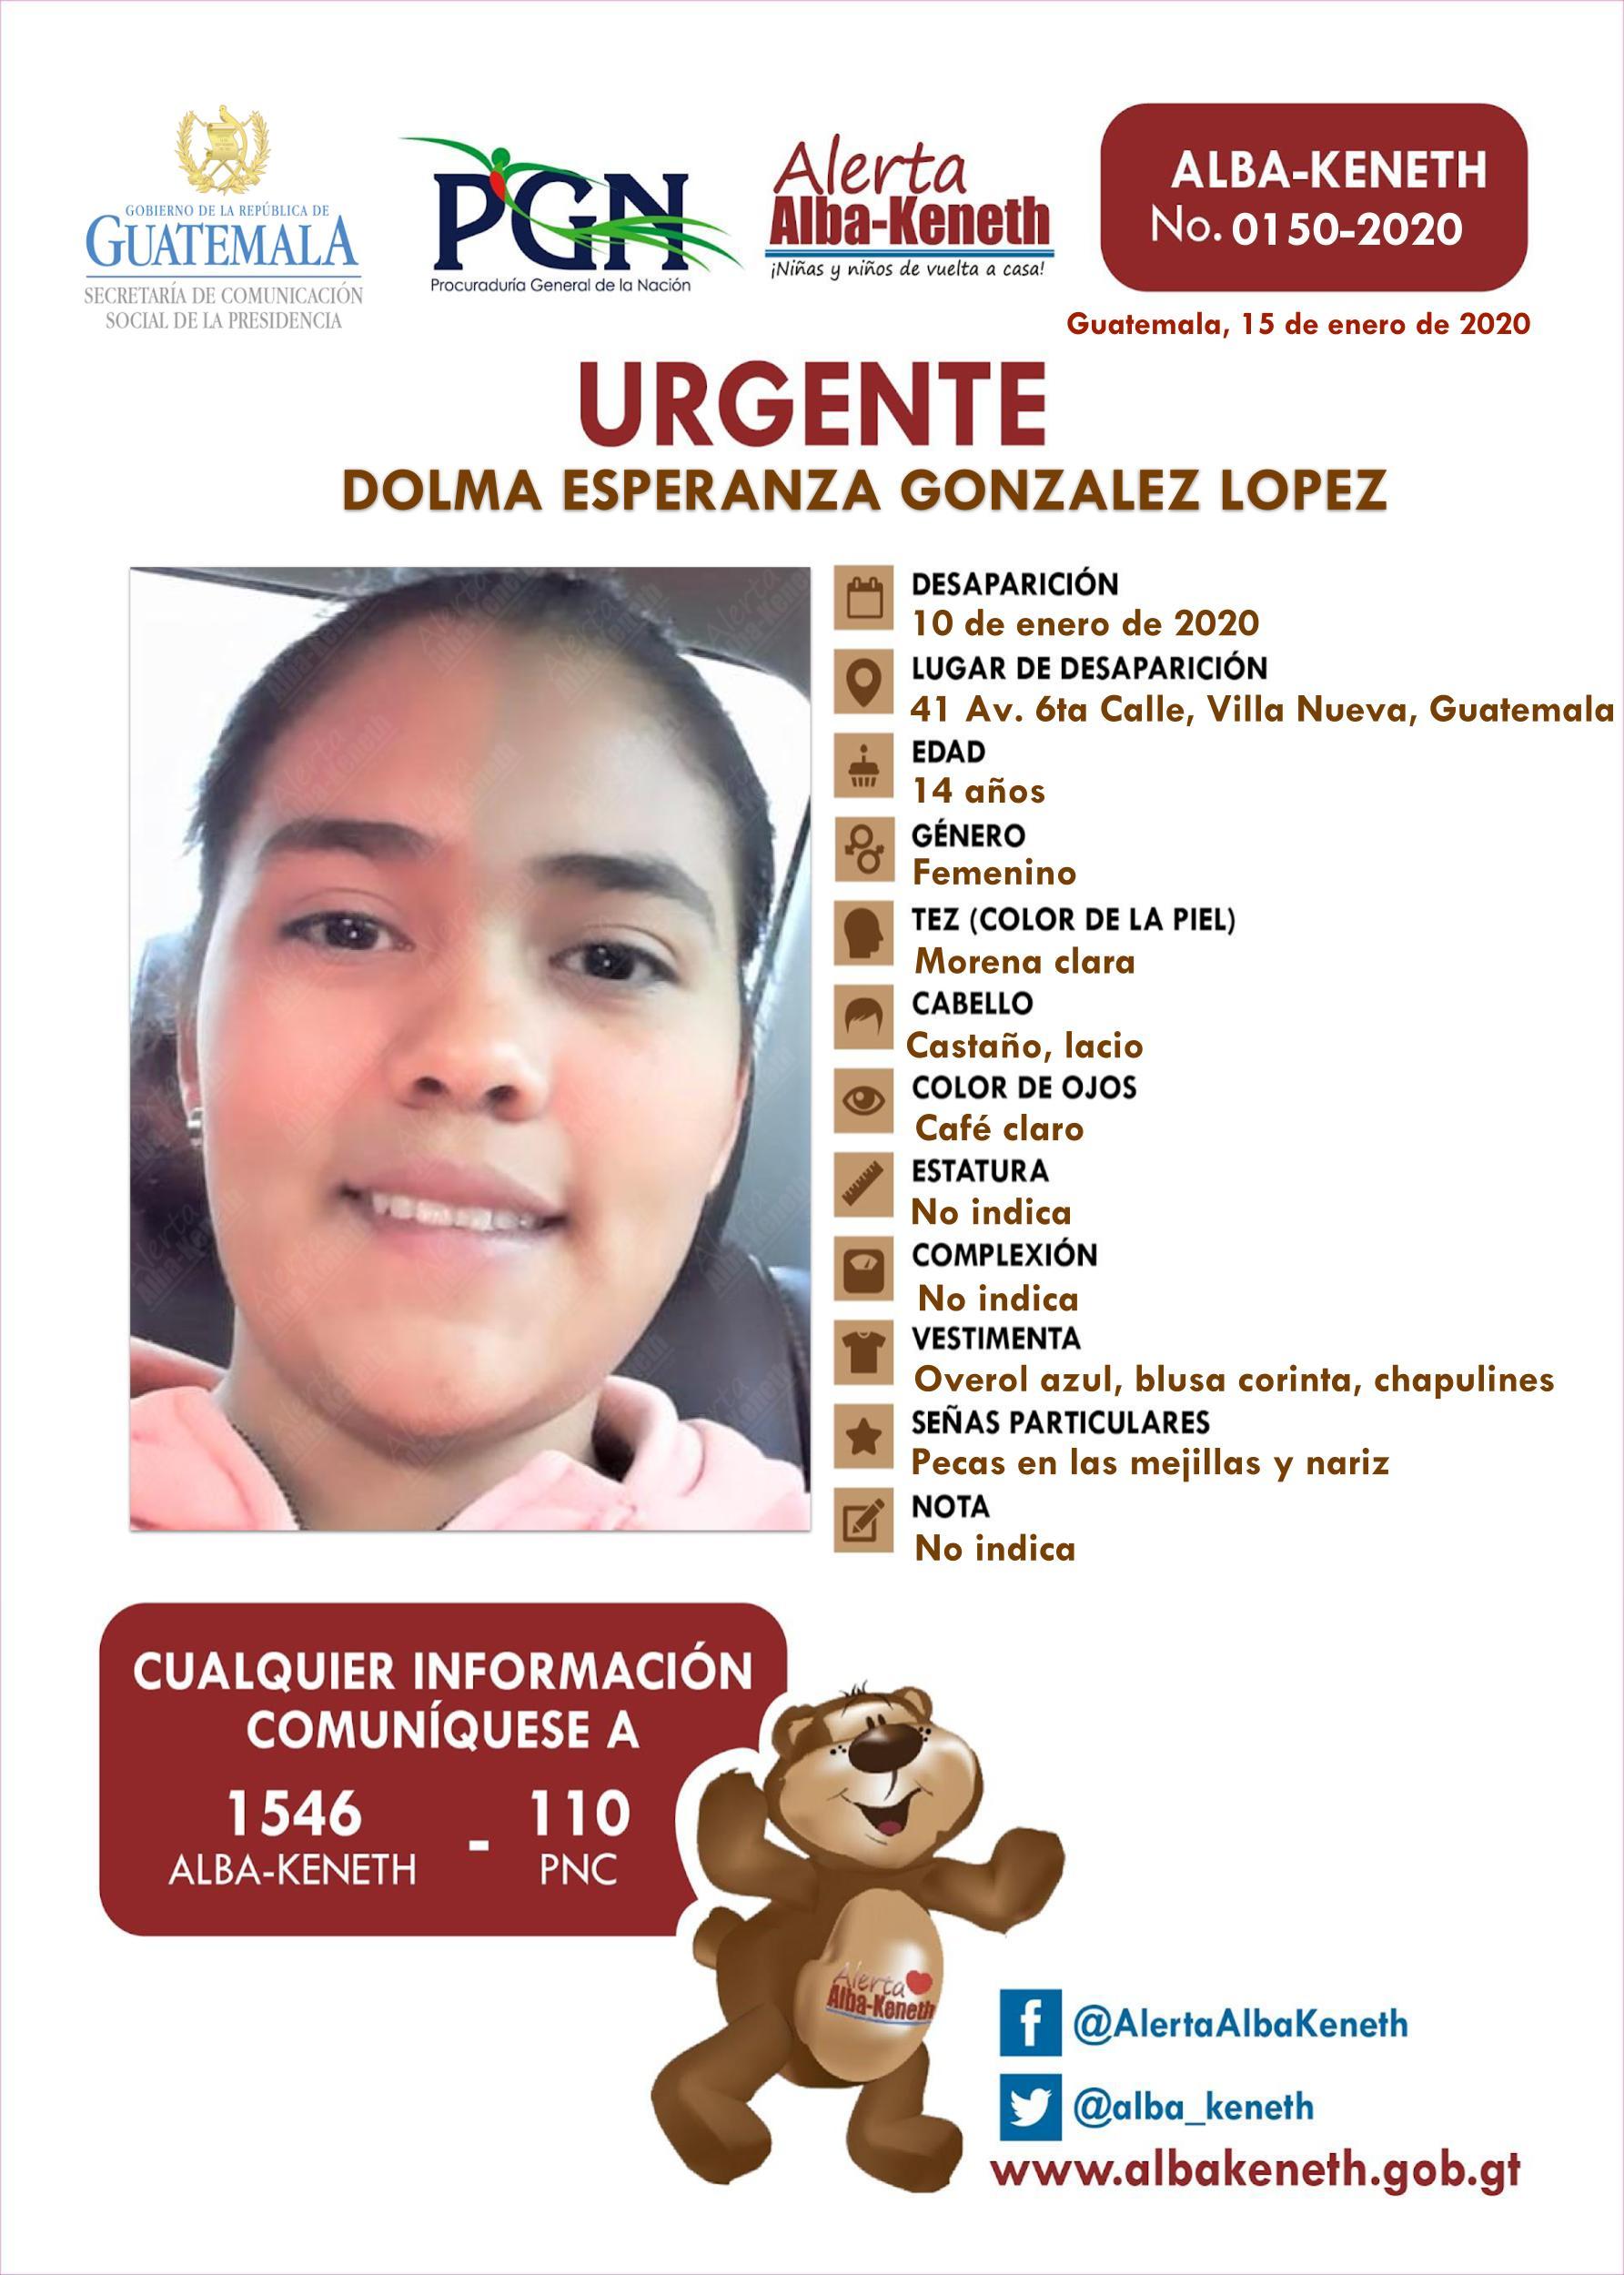 Dolma Esperanza Gonzalez Lopez